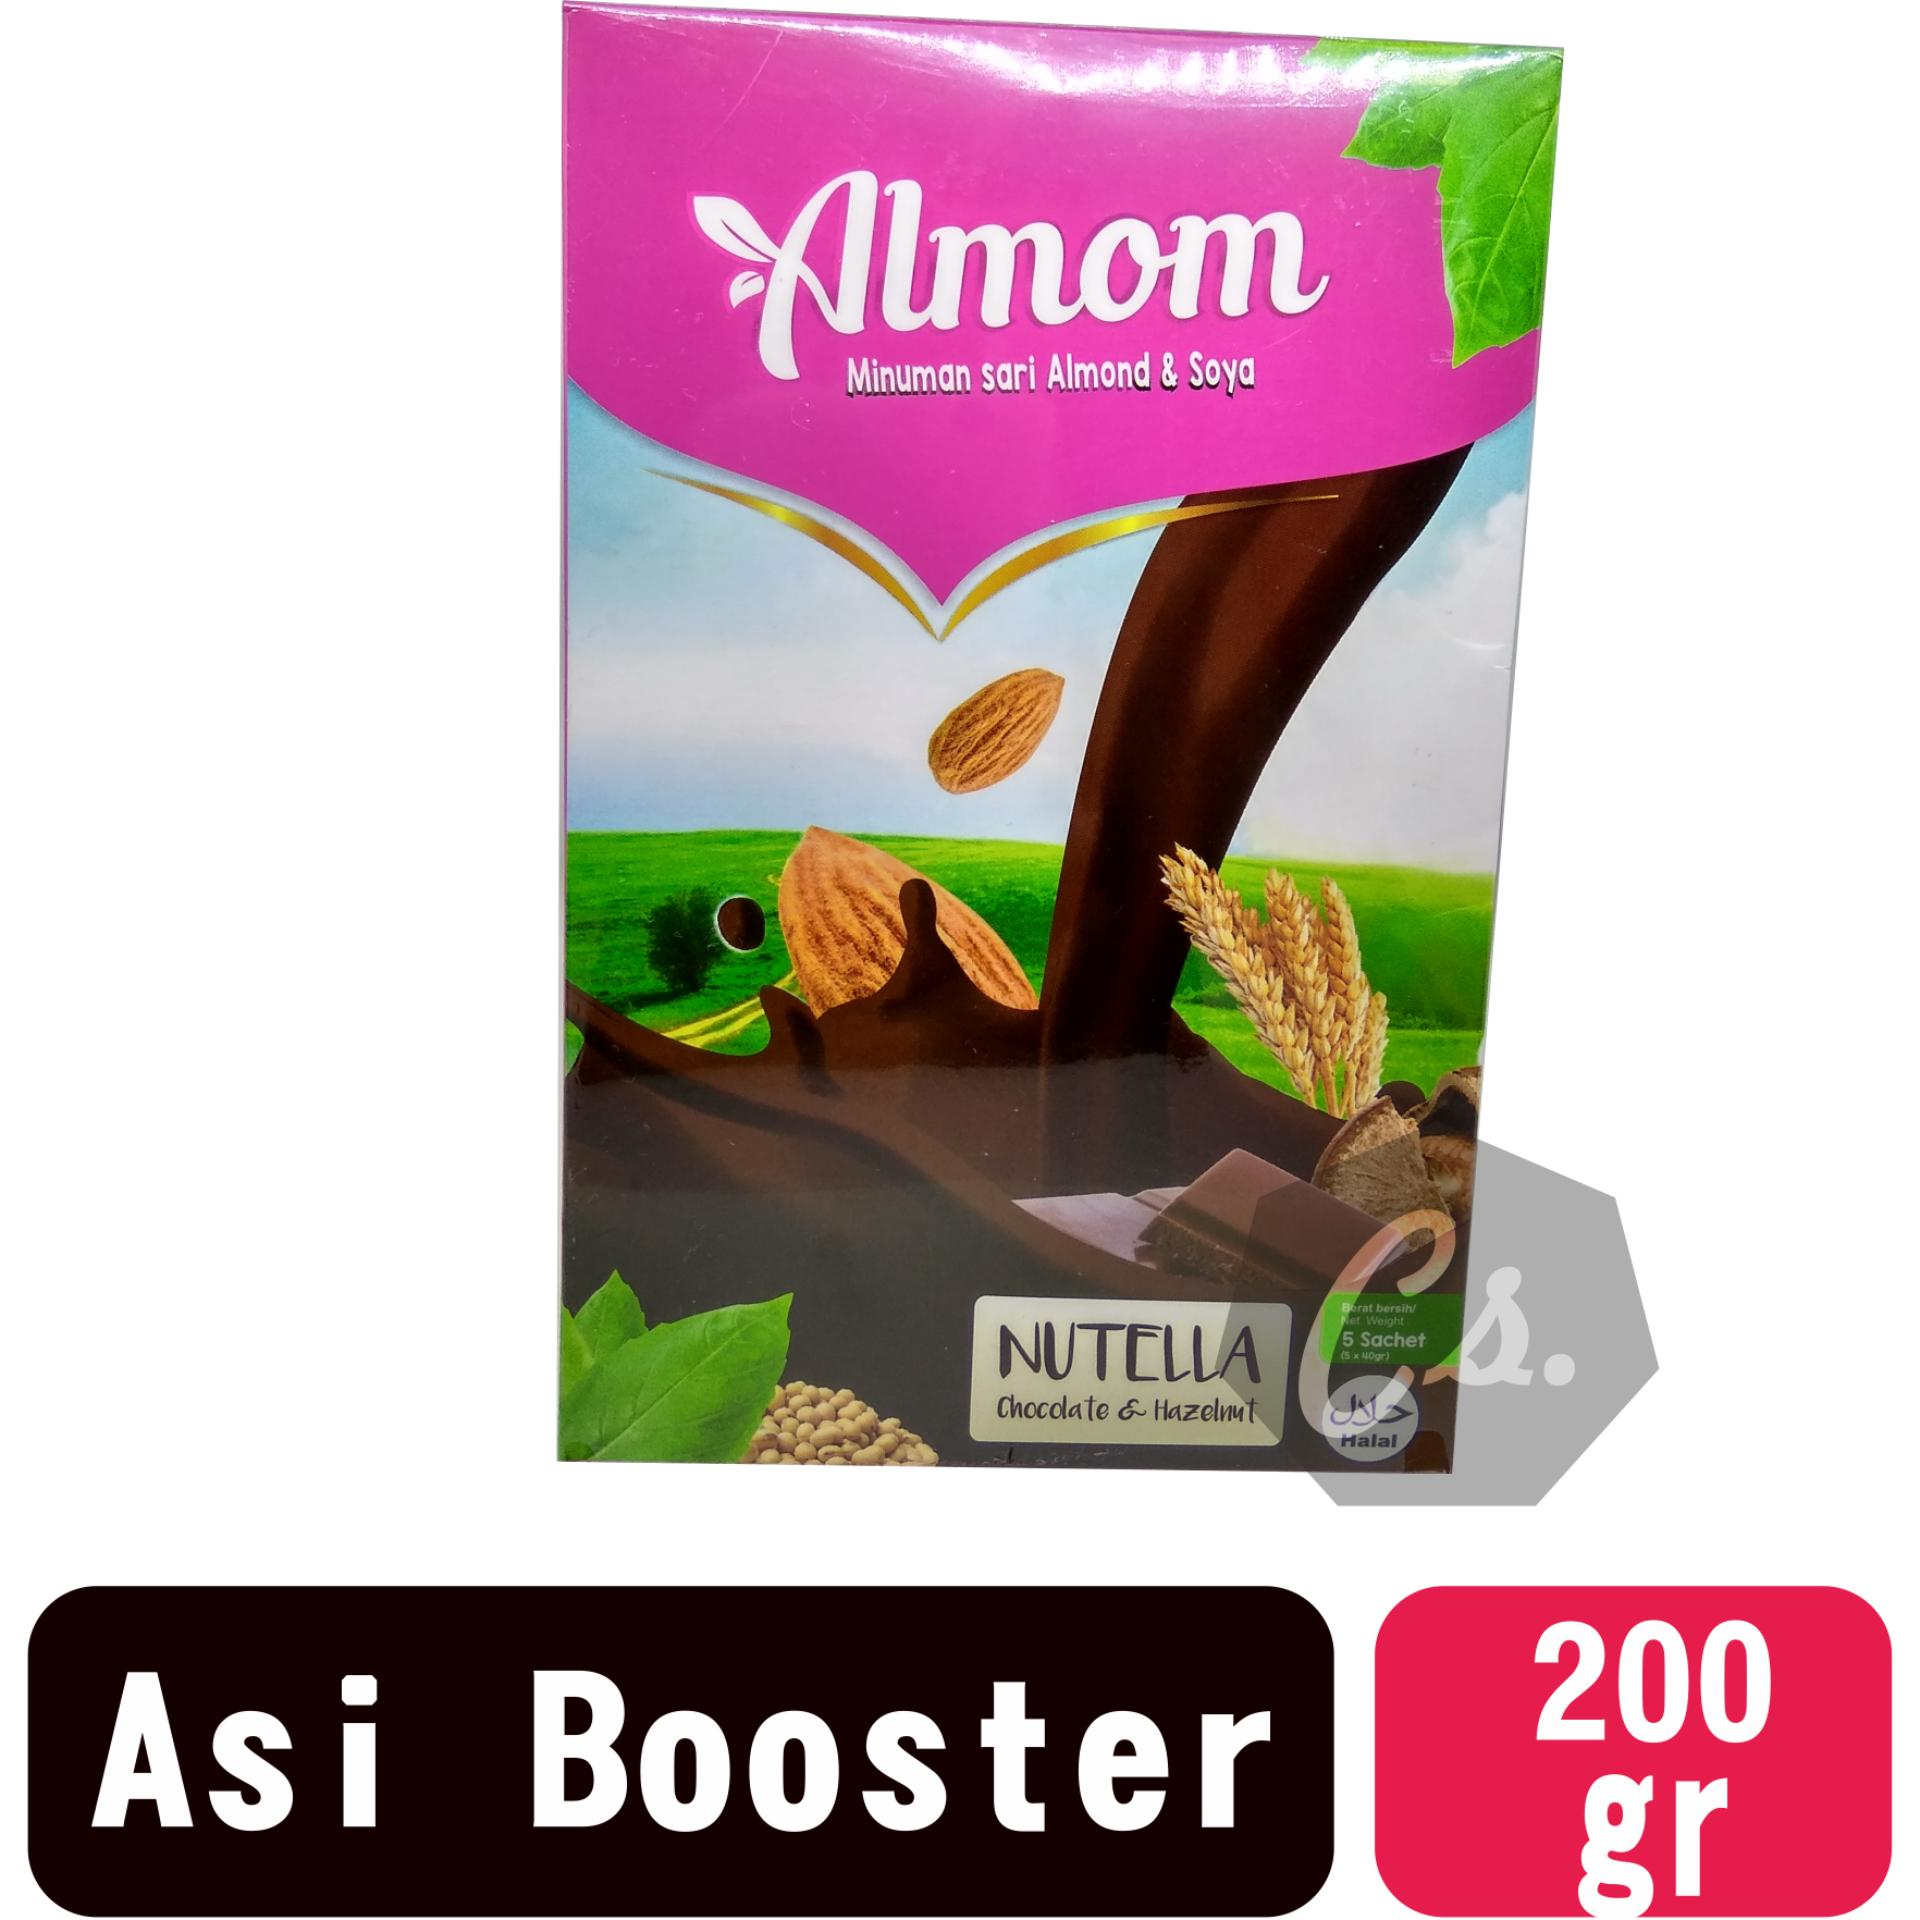 Almom - Rasa Nutella - Minuman Sari Almond dan Soya - Asi Booster / Pelancar Asi